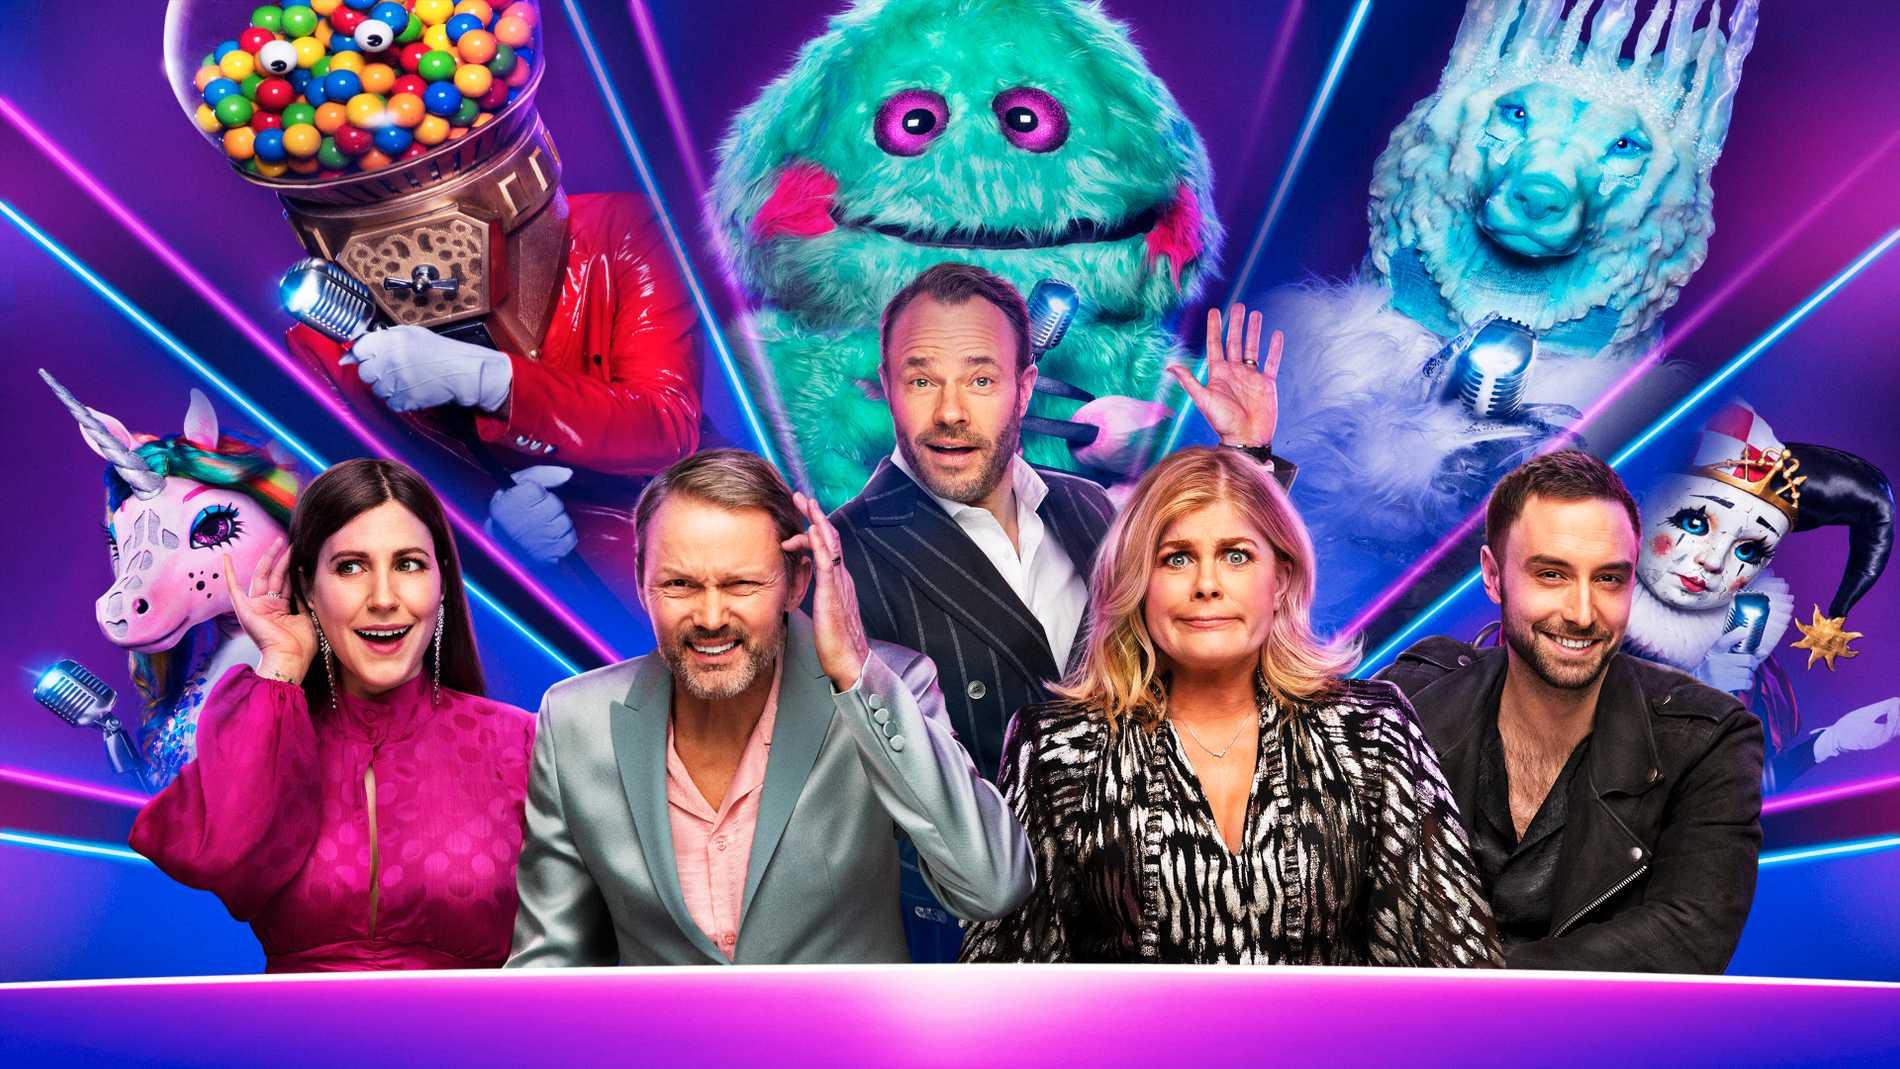 """Premiären av """"Masked singer"""" lockade 1,8 miljoner tittare. David Hellenius är programledare och i juryn sitter Nour El Refai, Felix Herngren, Pernilla Wahlgren och Måns Zelmerlöw."""